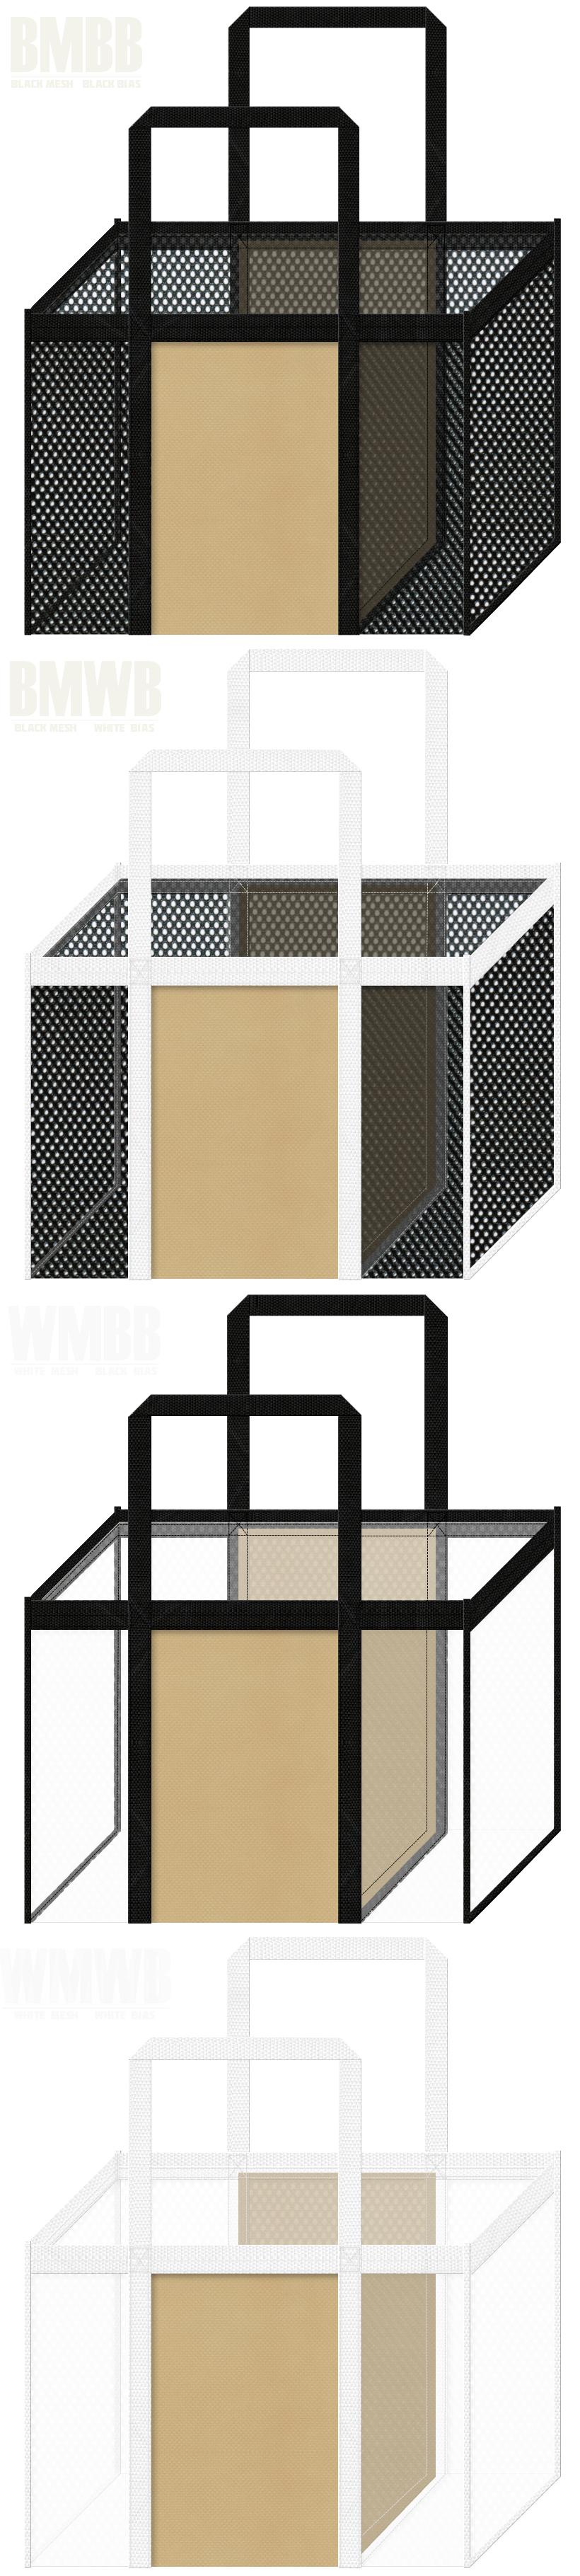 角型メッシュバッグのカラーシミュレーション:黒色・白色メッシュとカーキ色不織布の組み合わせ